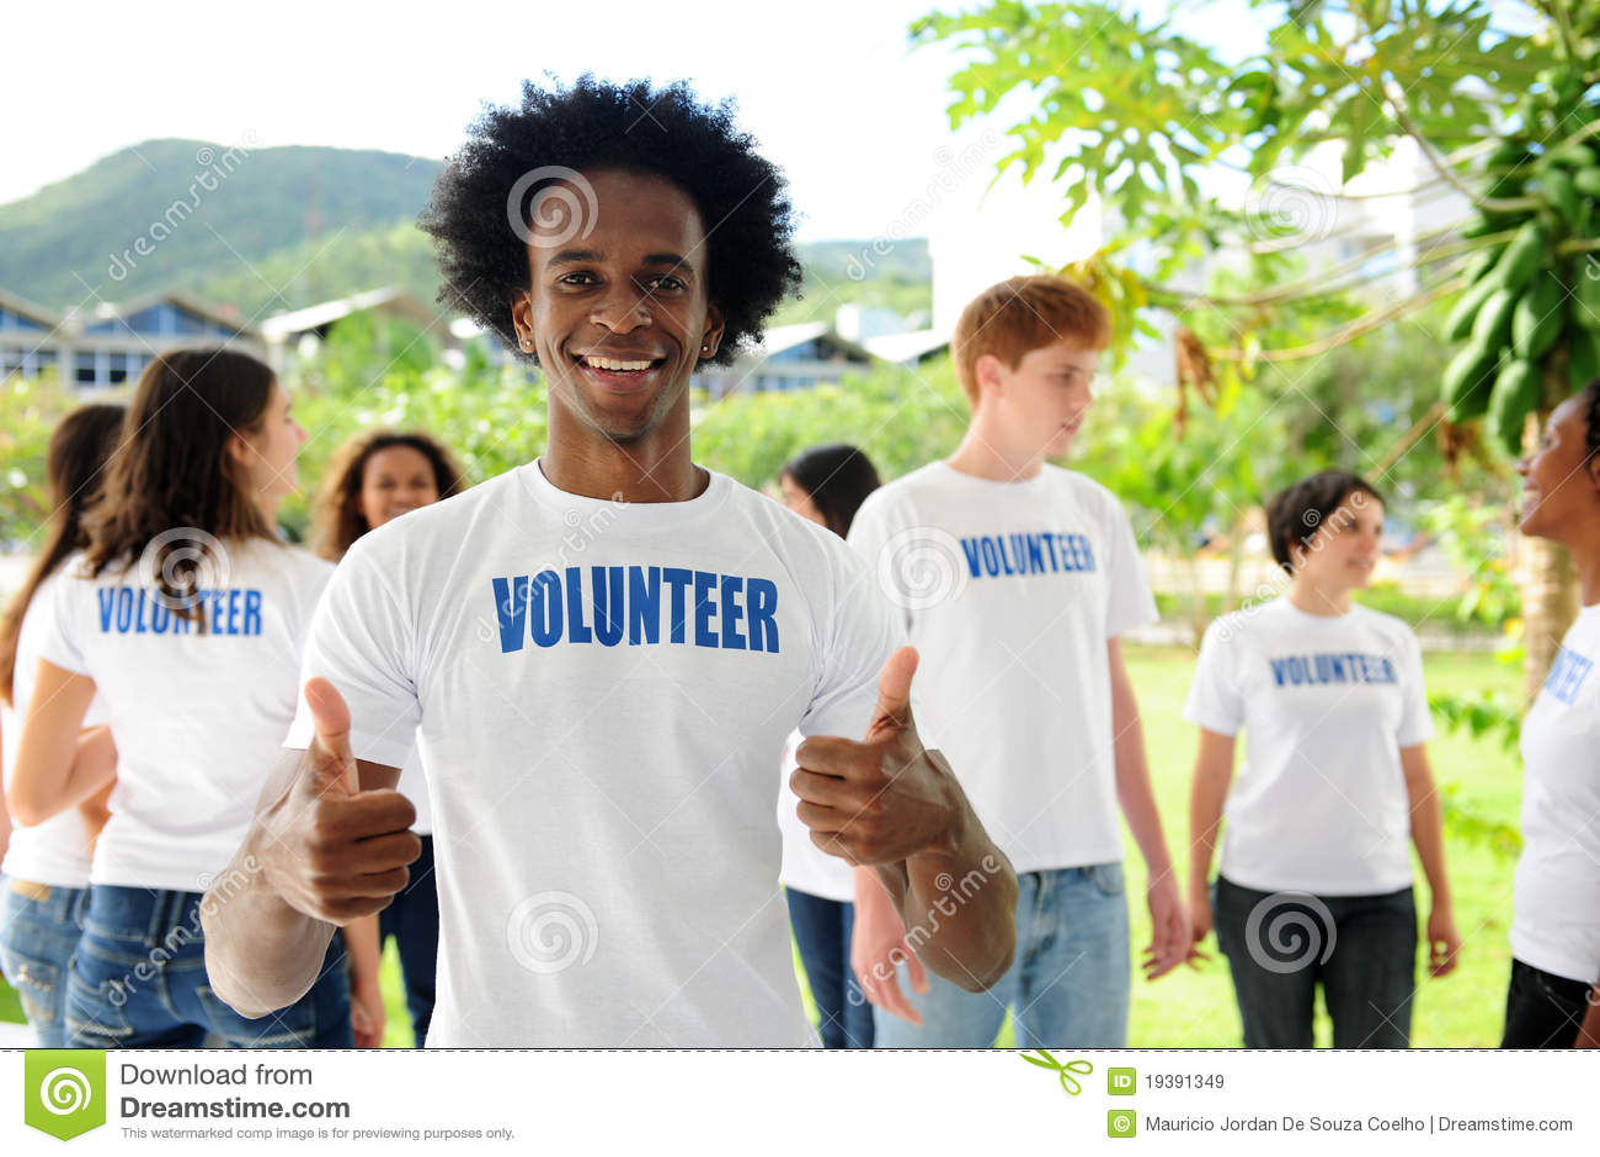 美国人���.��l_download 非洲裔美国人的愉快的志愿者 库存图片.